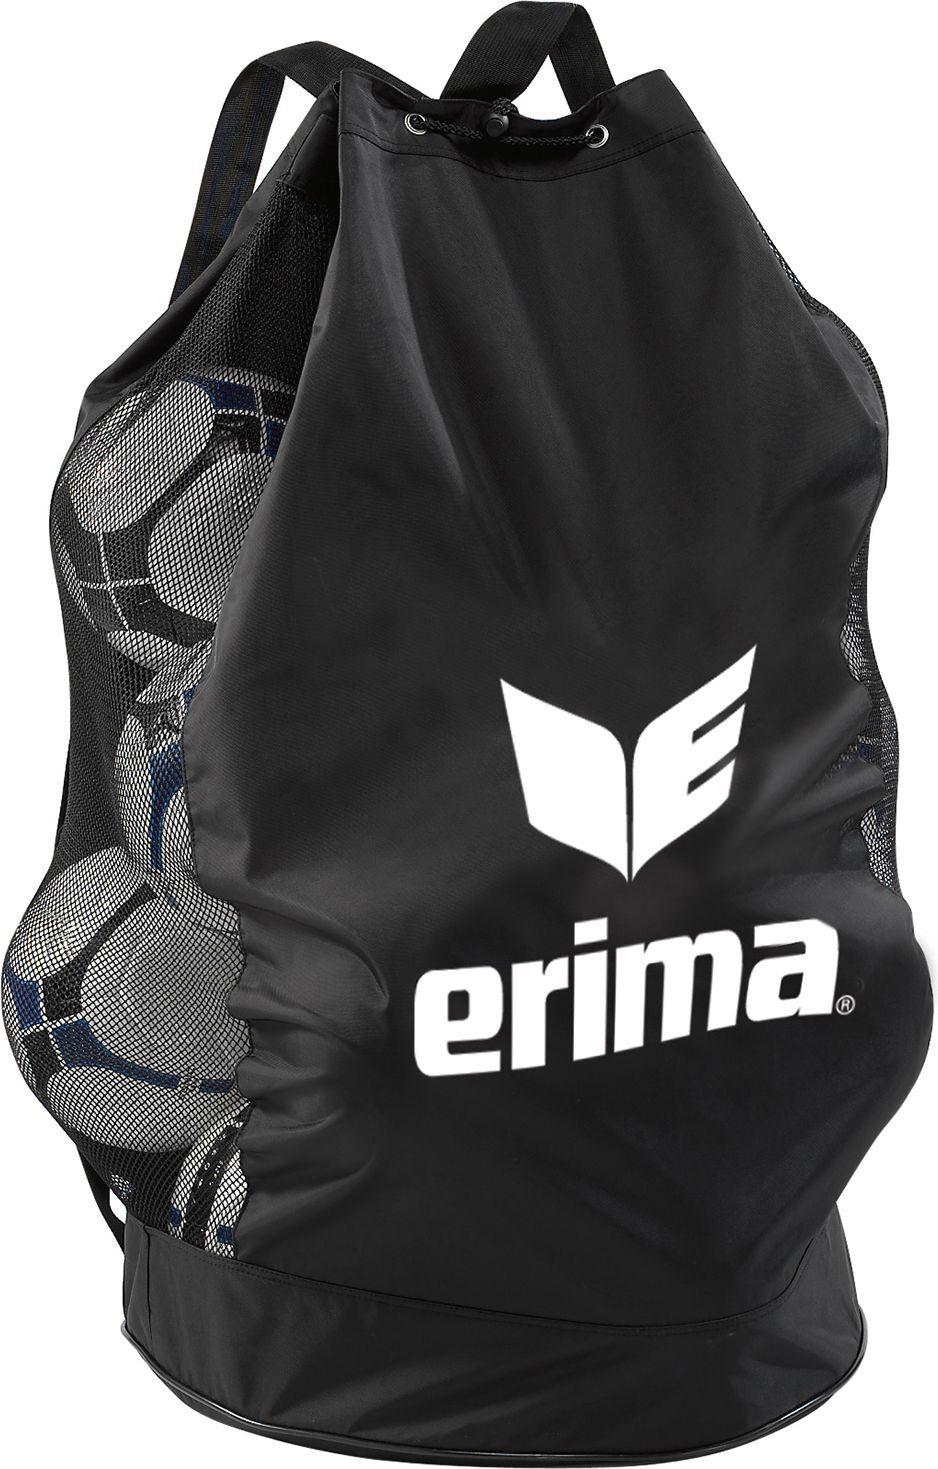 Erima Ballentas Voor 18 Ballen - Zwart / Wit - Teamswear